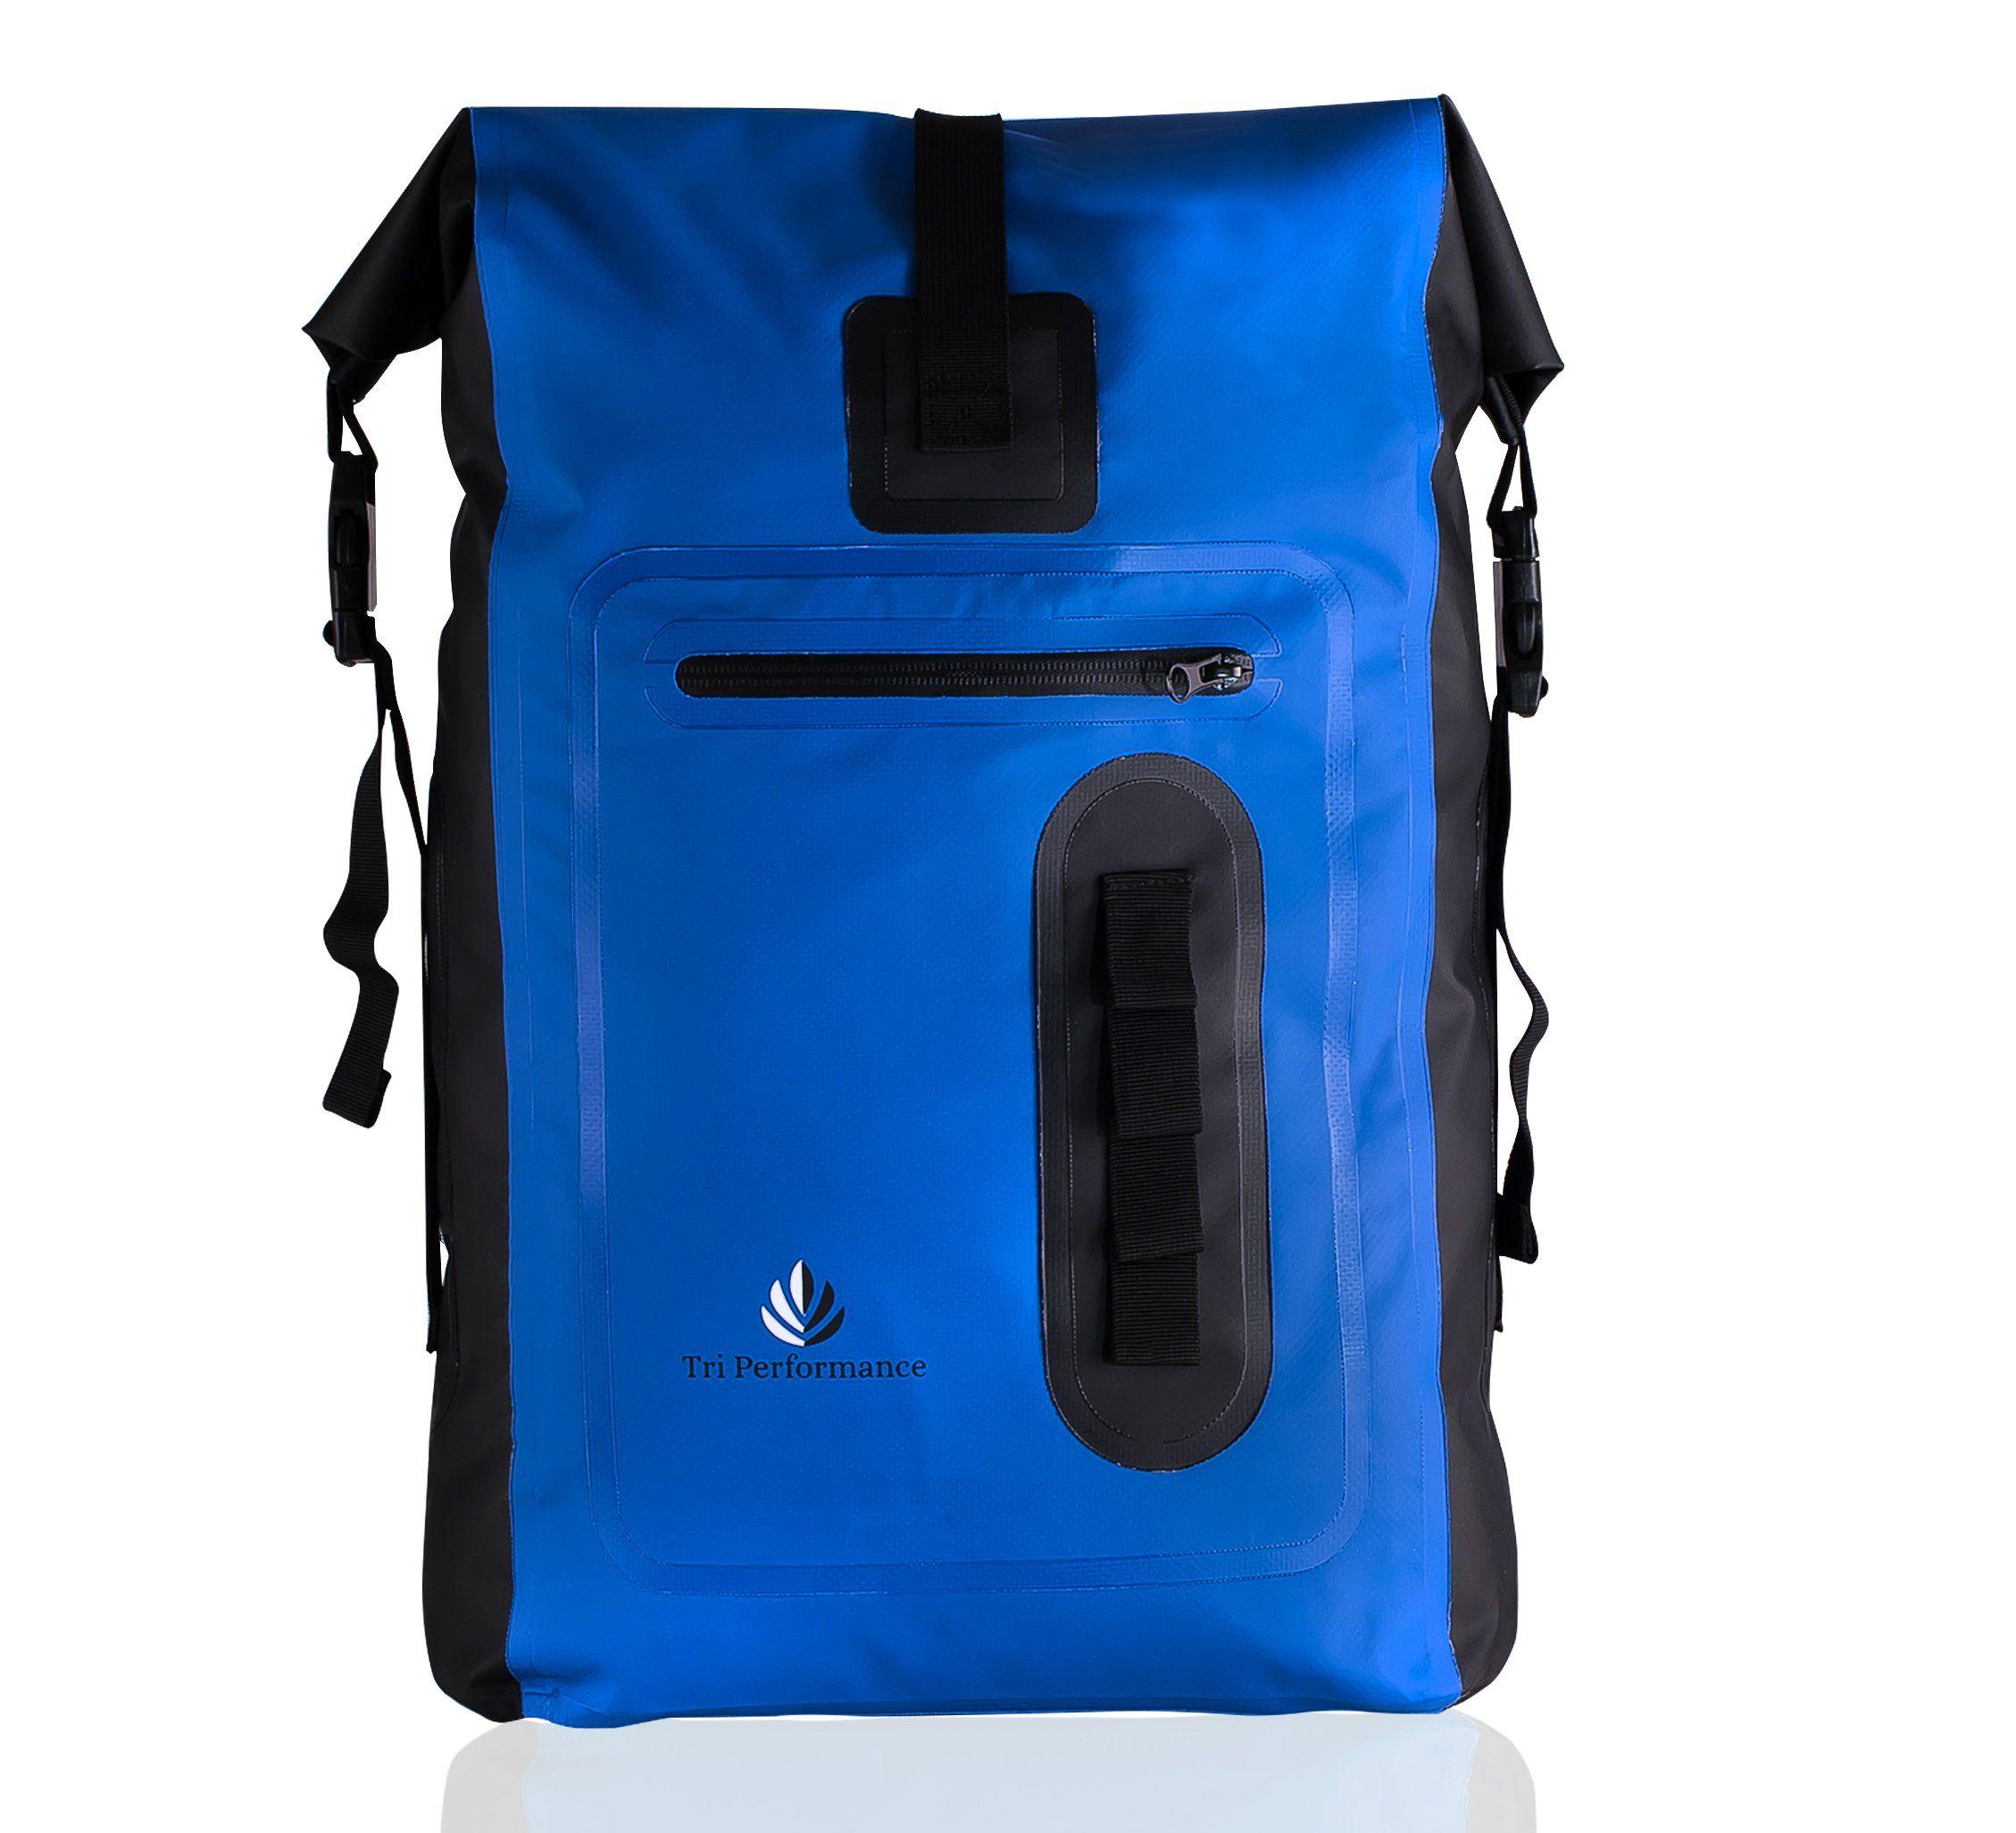 55b1bddfb8b9 Premium Waterproof Dry Bag Backpack PVC Tarpaulin